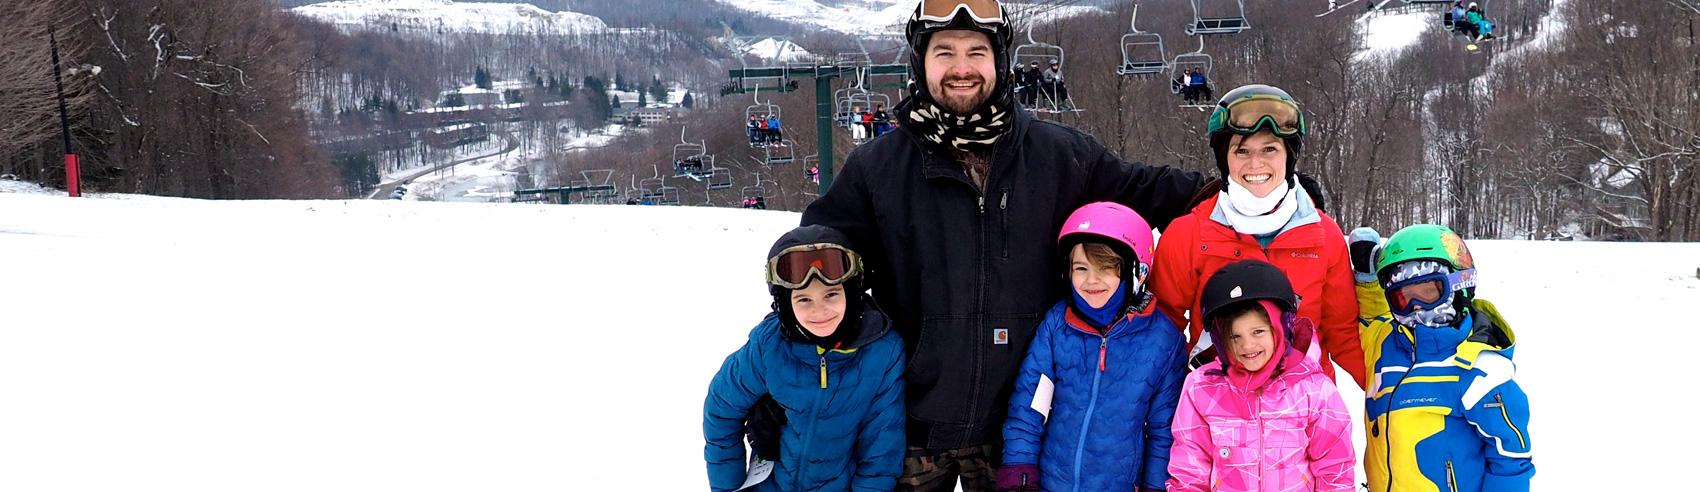 hv-family-on-the-slopes